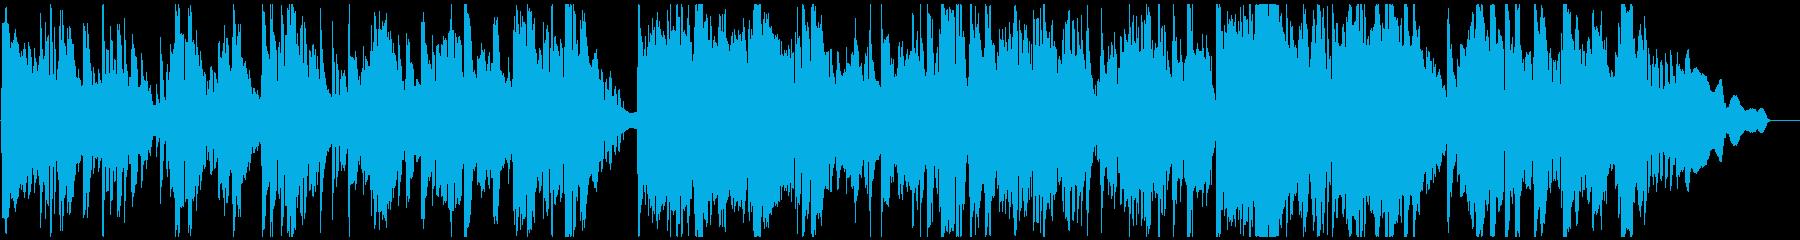 ソプラノサックスの大人なジャズバラードの再生済みの波形